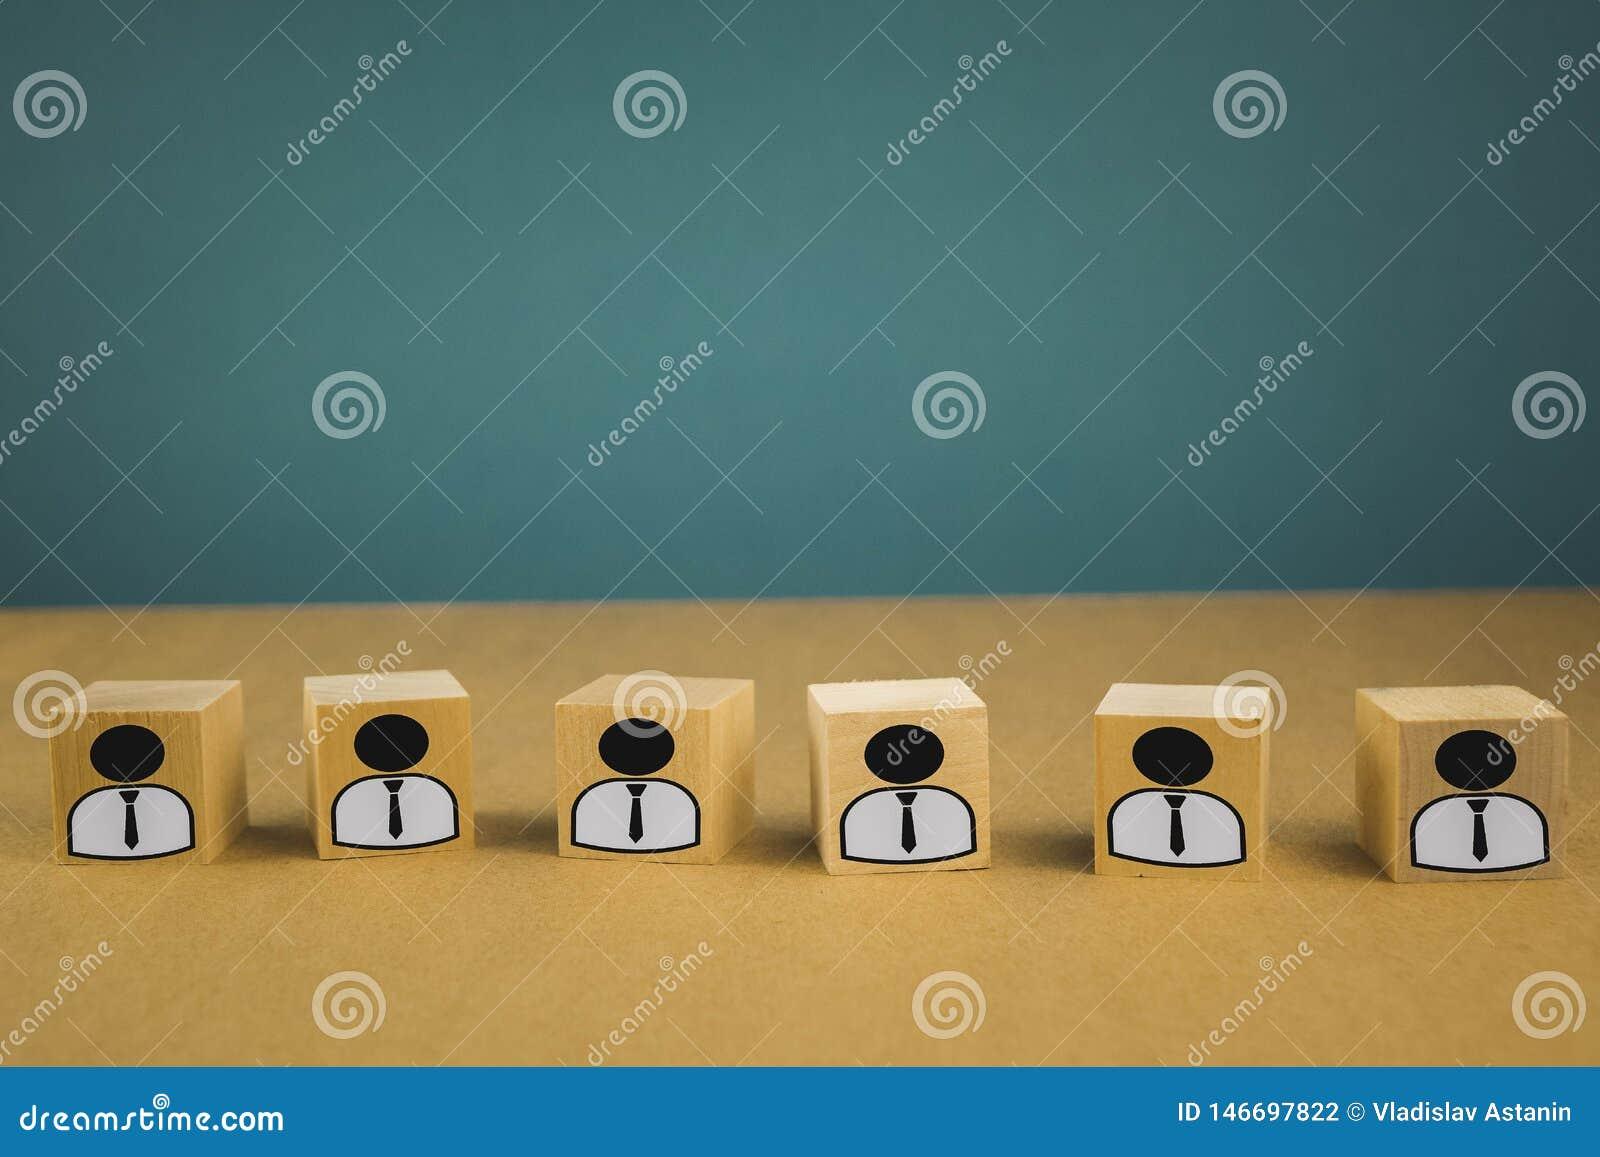 деревянные кубы стоя в ряд, значащ работников зарплаты стоя в одной линии, абстракция на голубой предпосылке